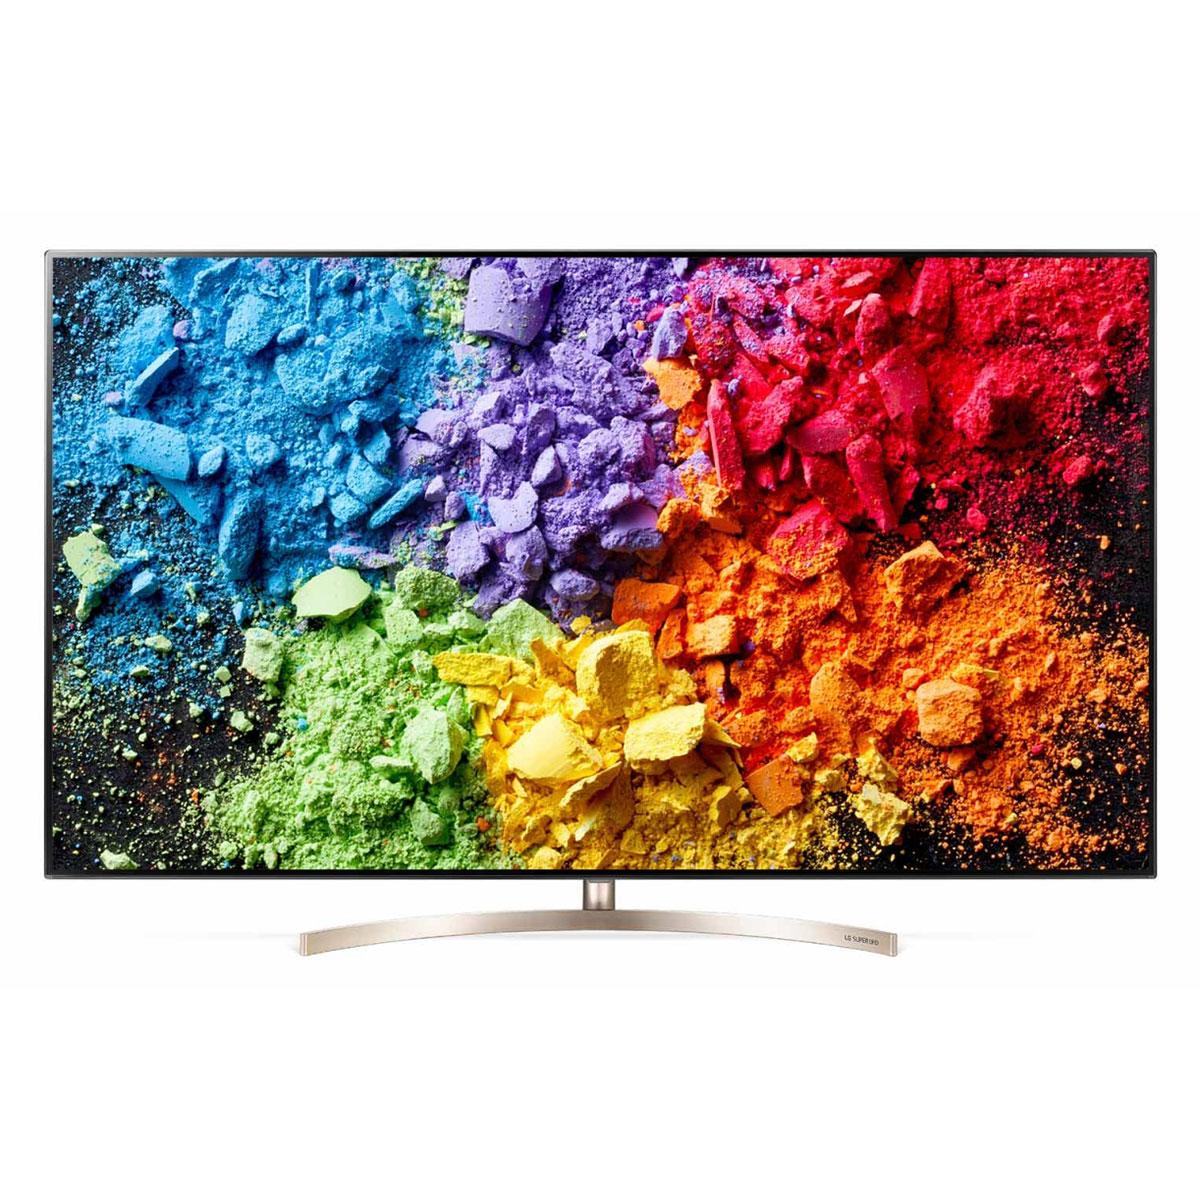 """TV LG 55SK9500 Téléviseur LED 4K 55"""" (140 cm) 16/9 - 3840 x 2160 pixels - Ultra HD 2160p - HDR - Wi-Fi - Bluetooth - 3700 Hz (dalle native 100 Hz)"""